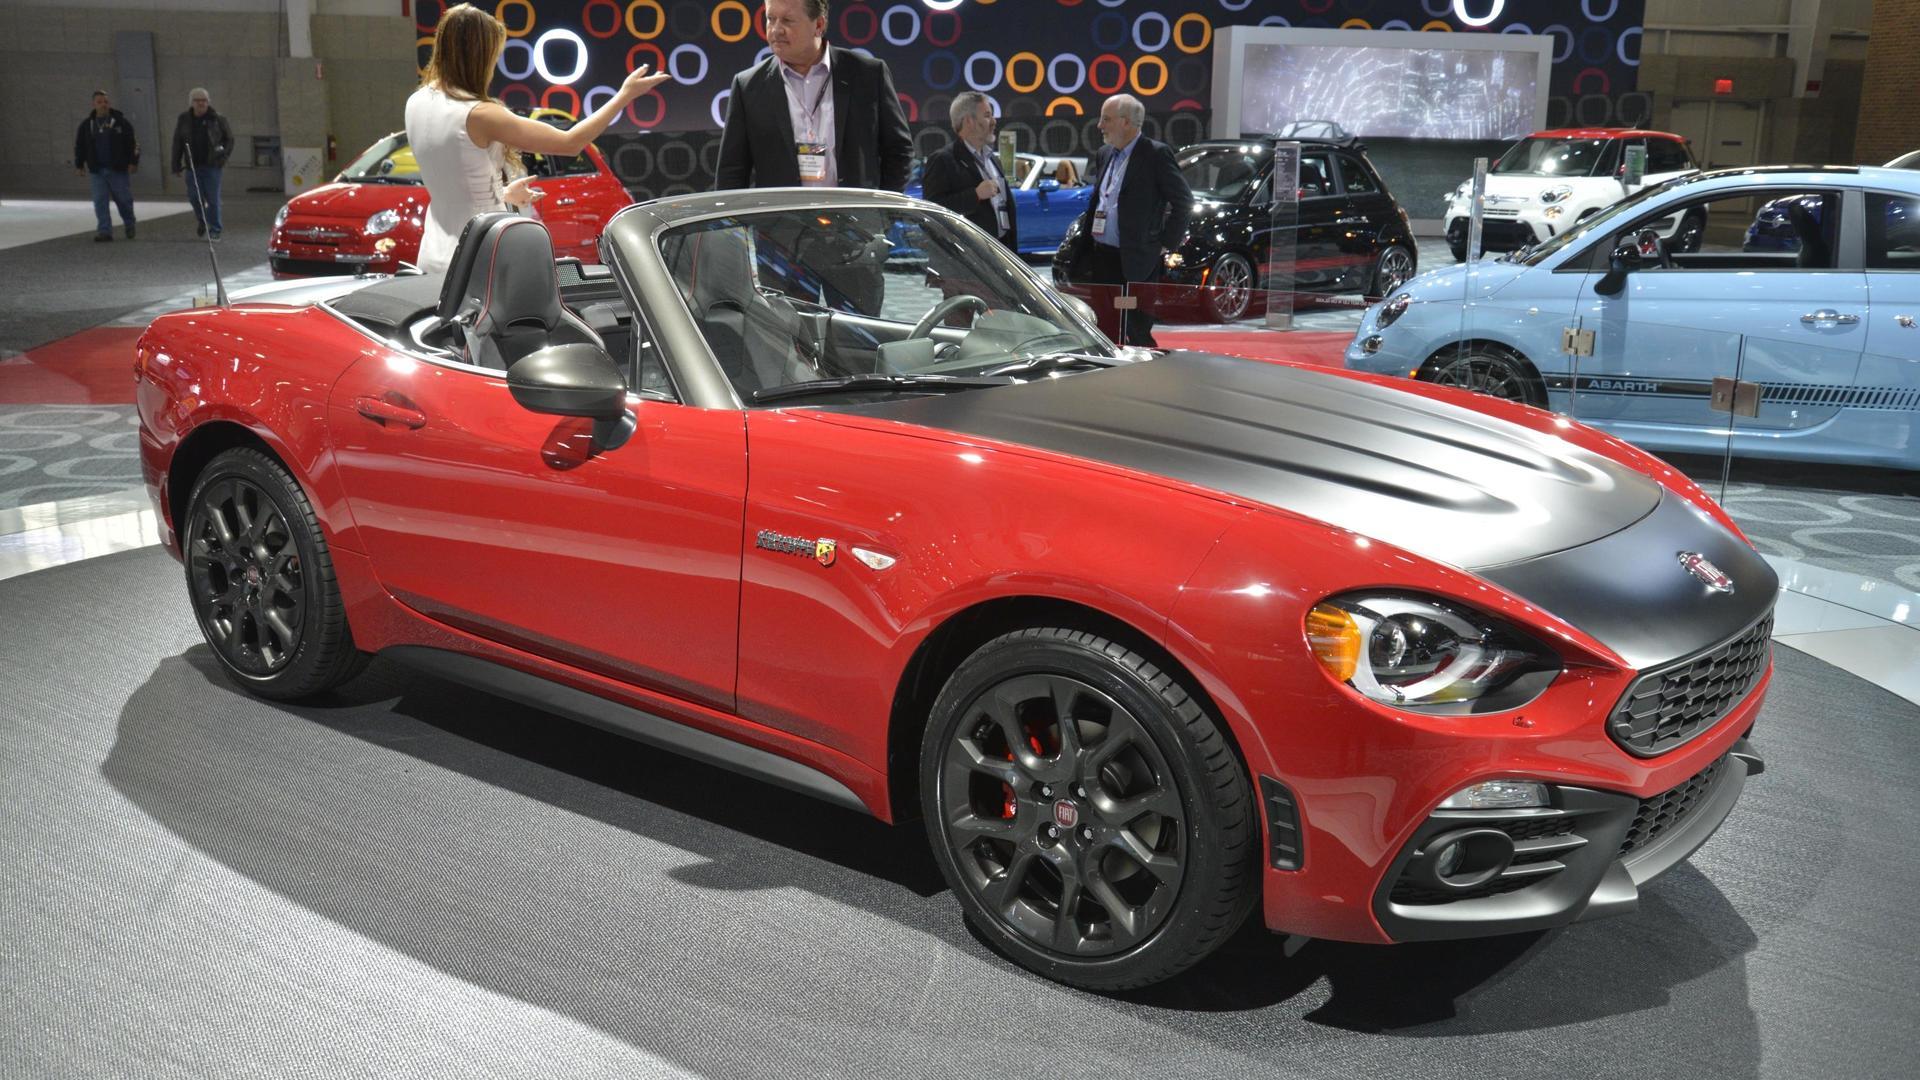 2017 Fiat 124 Spider Elaborazione Abarth Debuts In New York